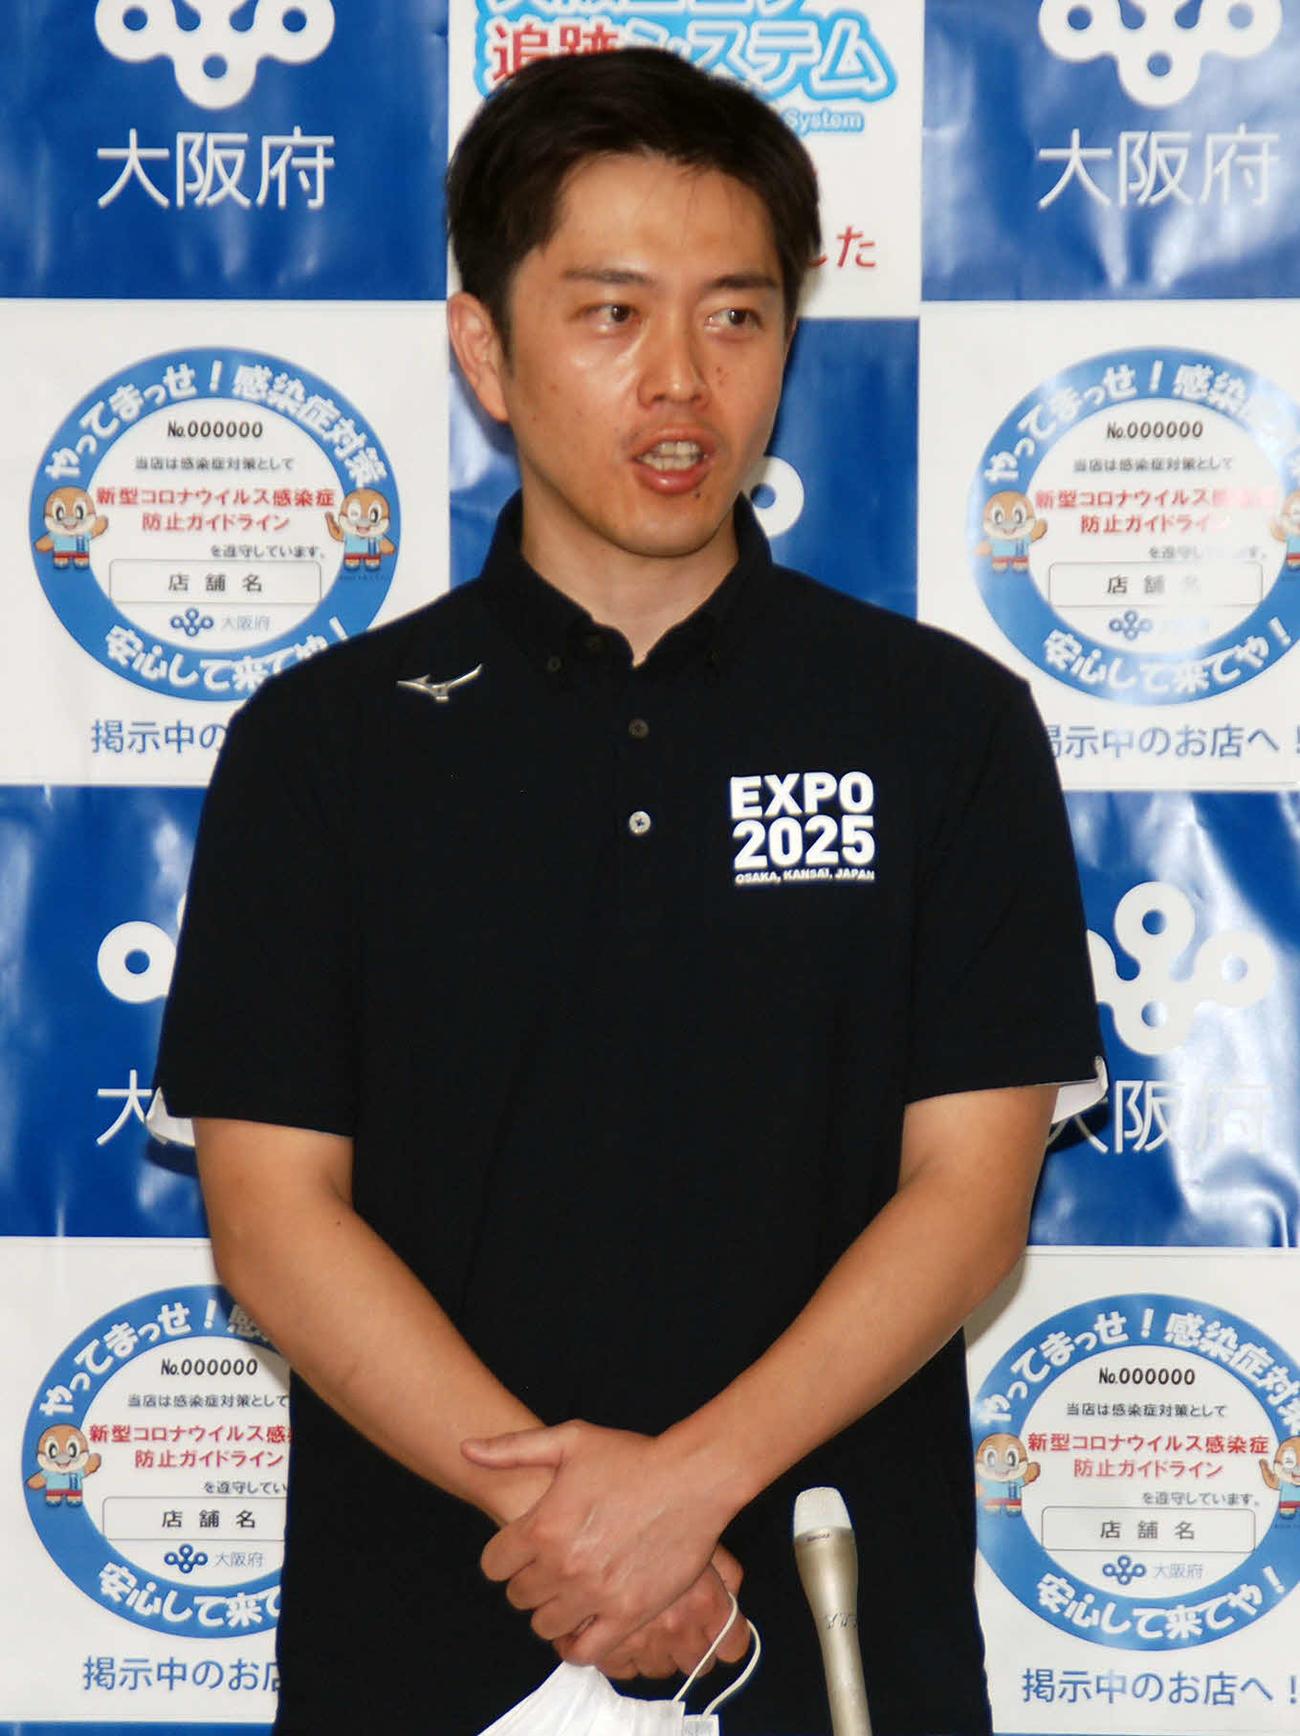 25年大阪・関西万博の公式ロゴマークについて語る吉村洋文知事(撮影・松浦隆司)